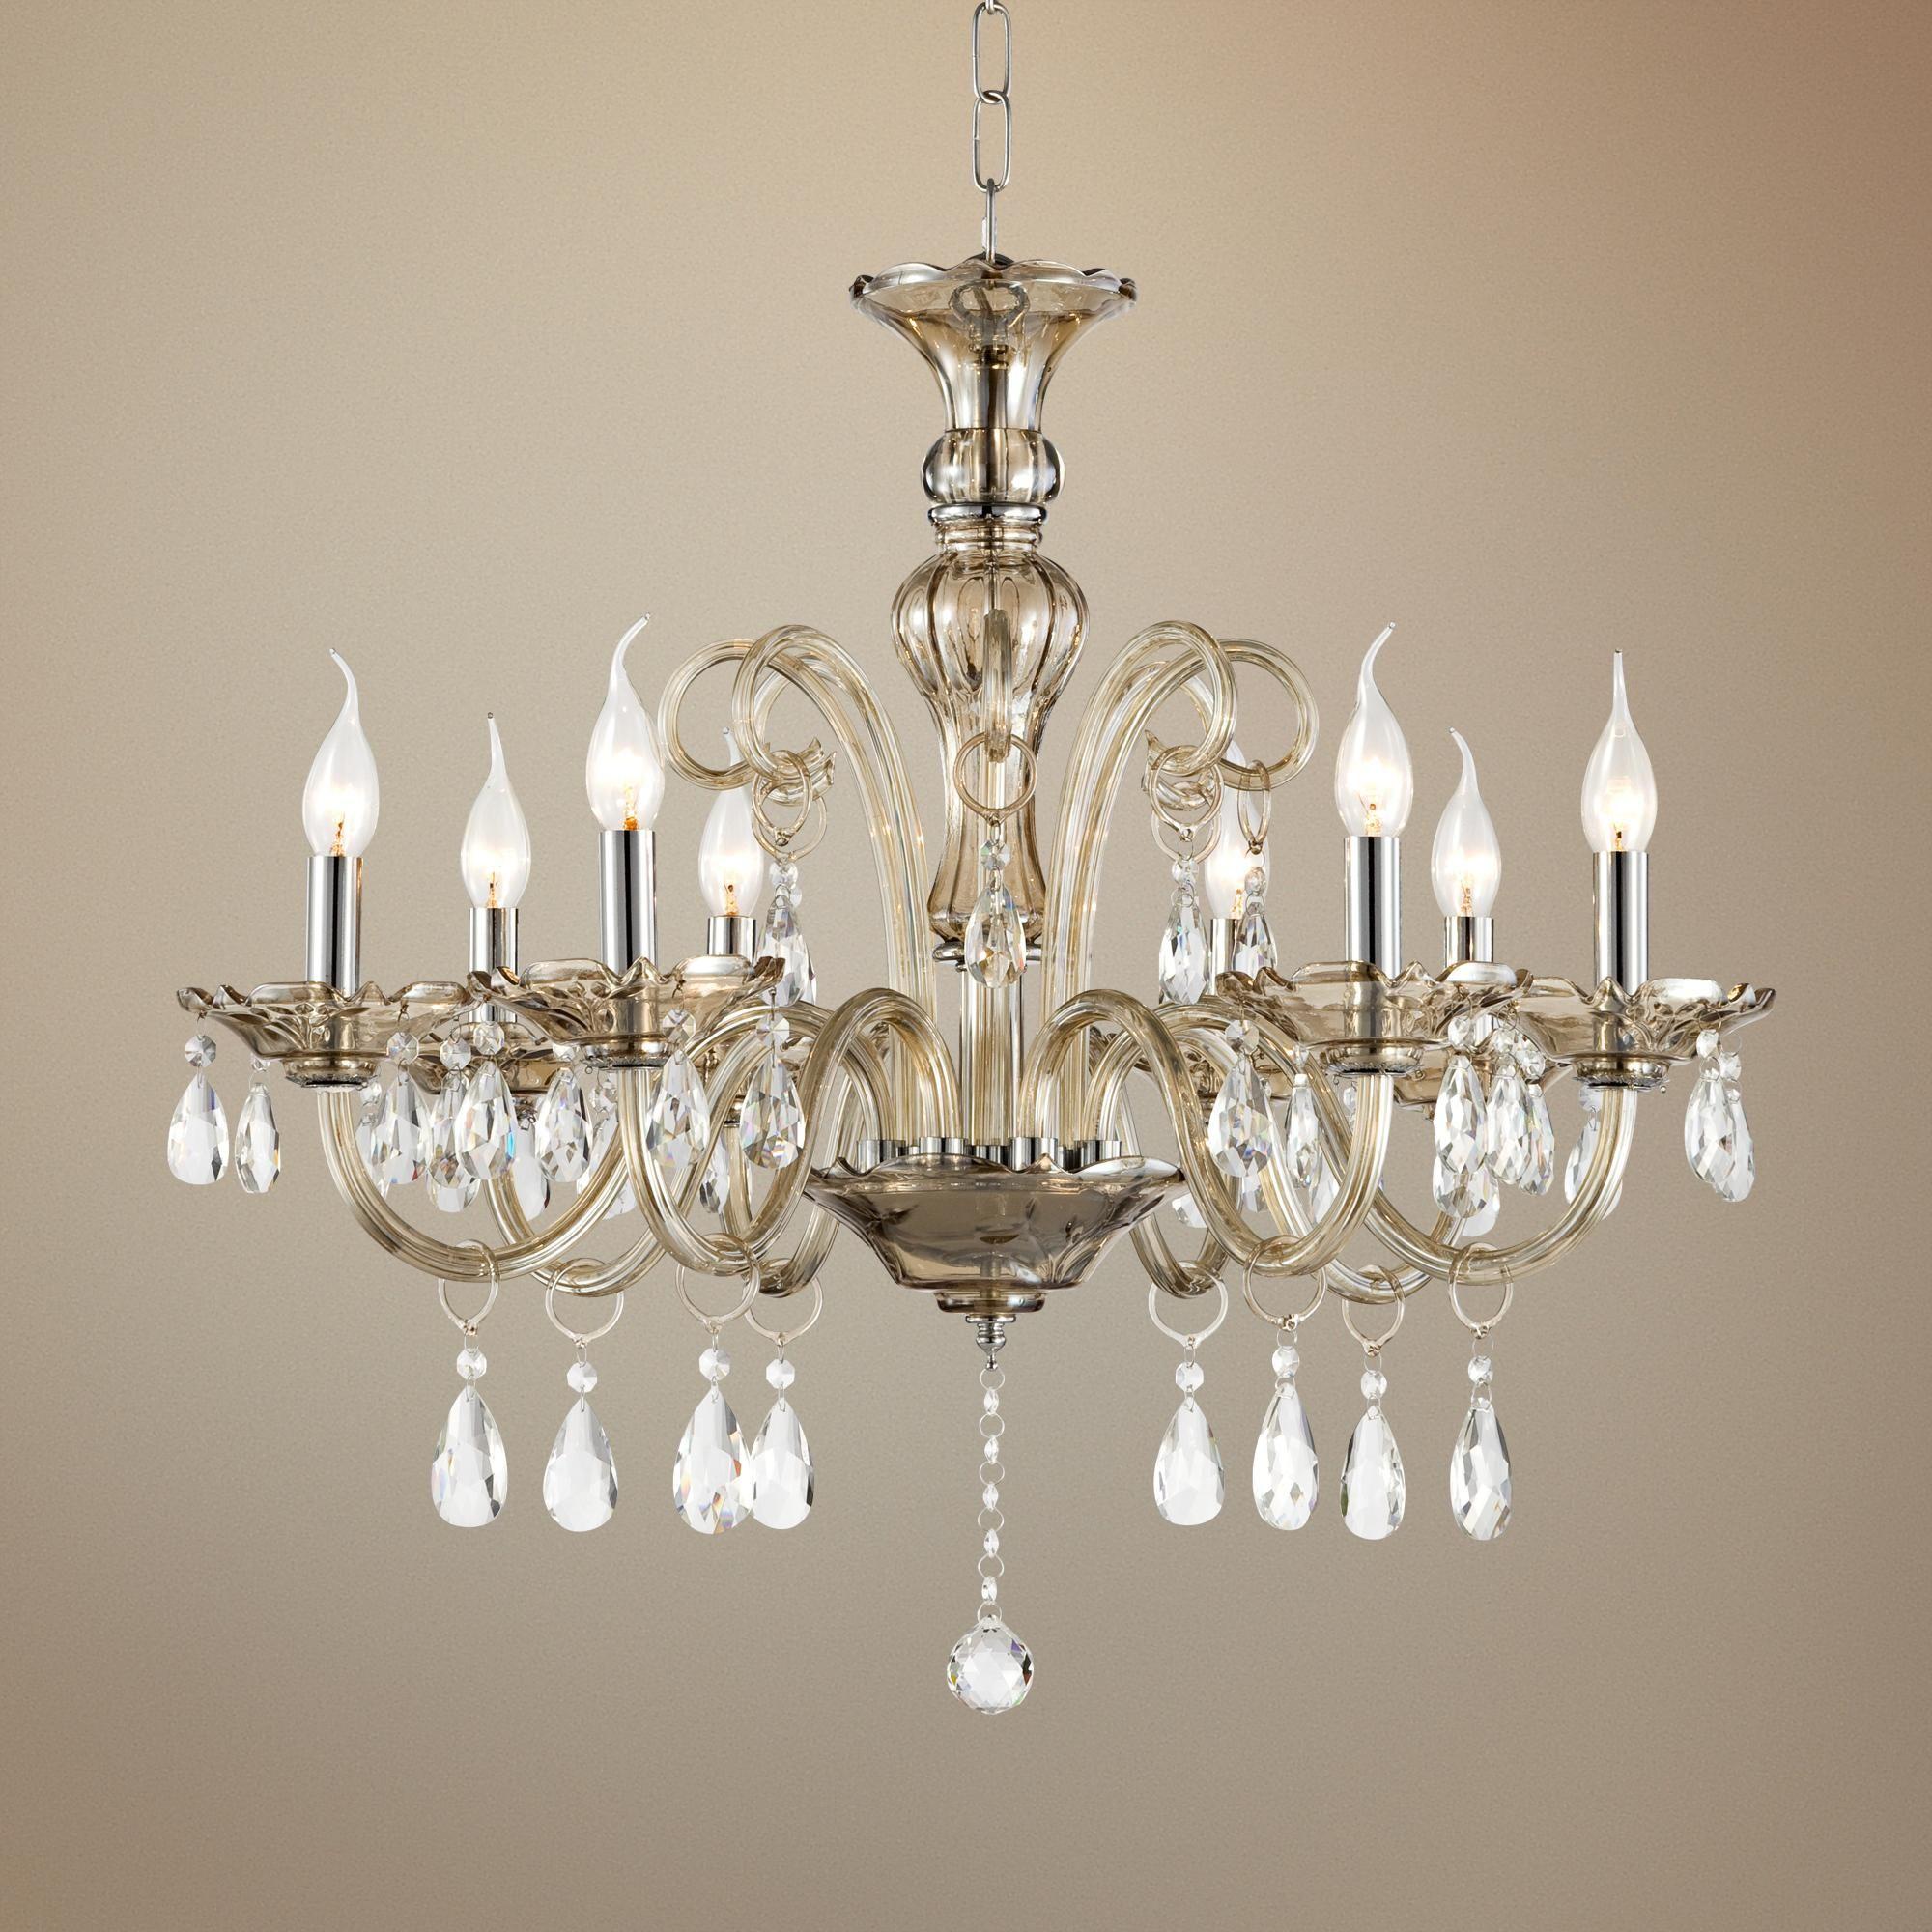 Lamps Plus Denver